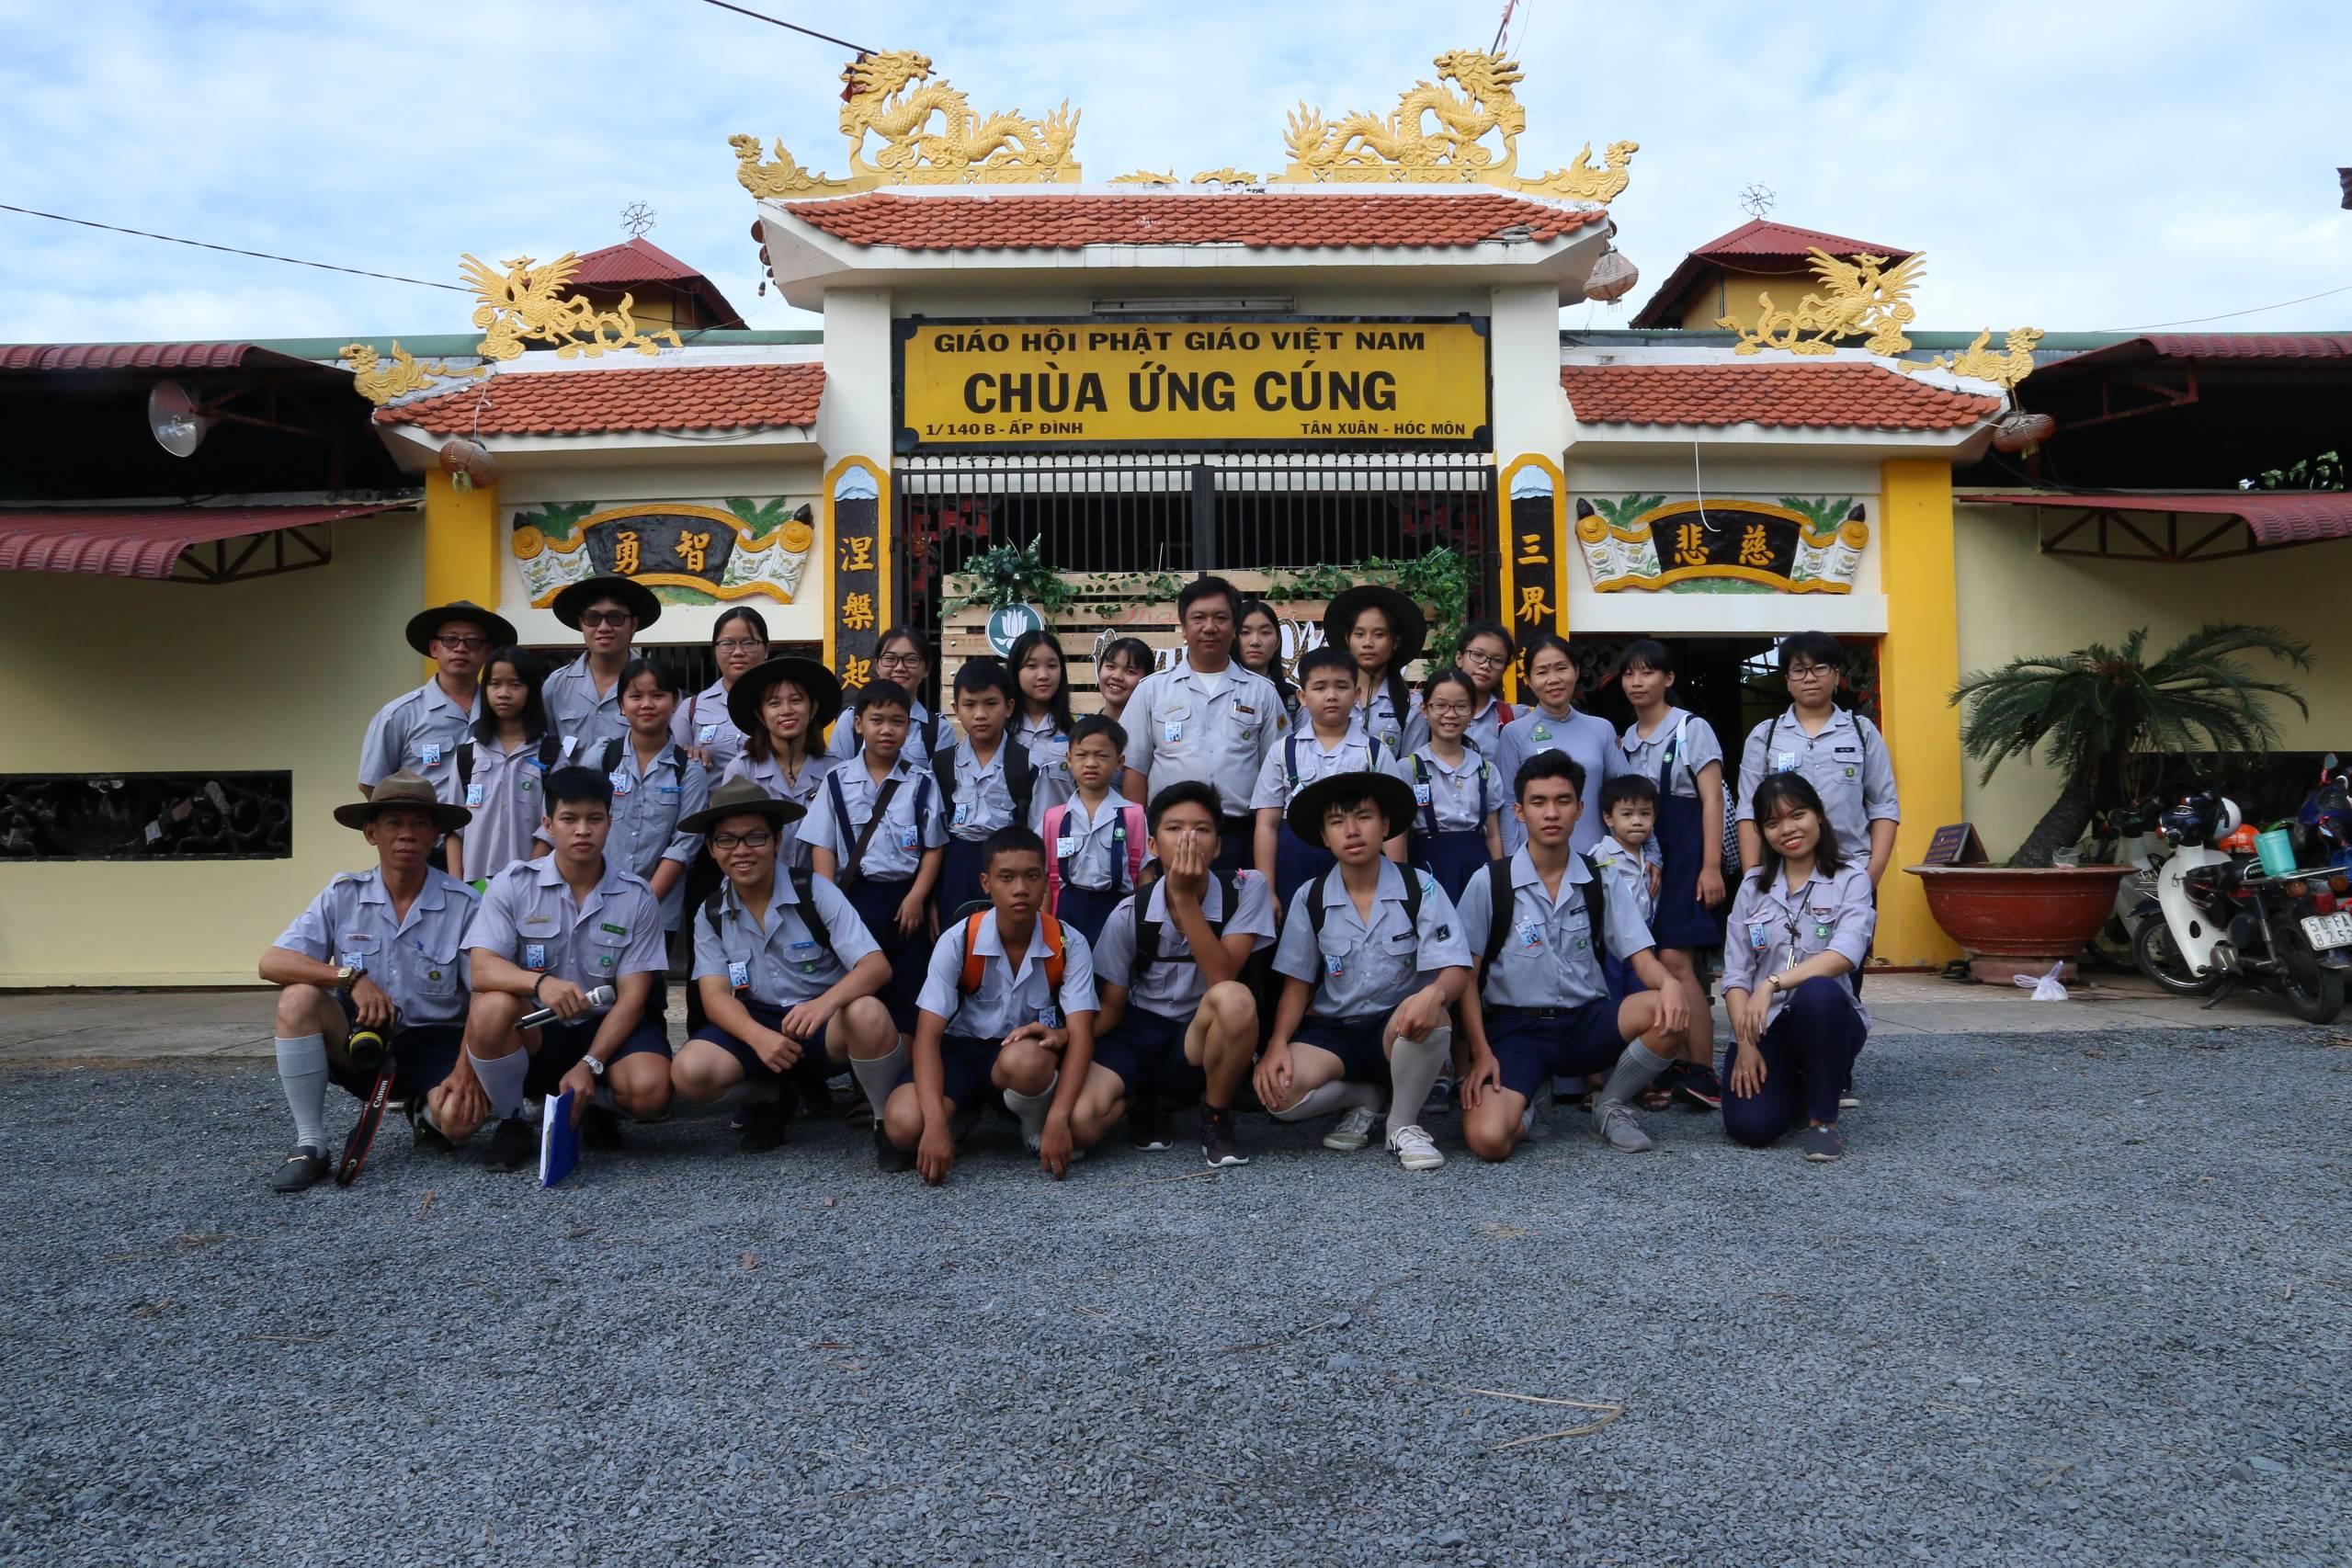 Chùa Ứng Cúng tổ chức Lễ Quy Y và Phát nguyện nhân kỷ niệm Vía Đức Phật thành đạo (PL 2563 - DL 2019)